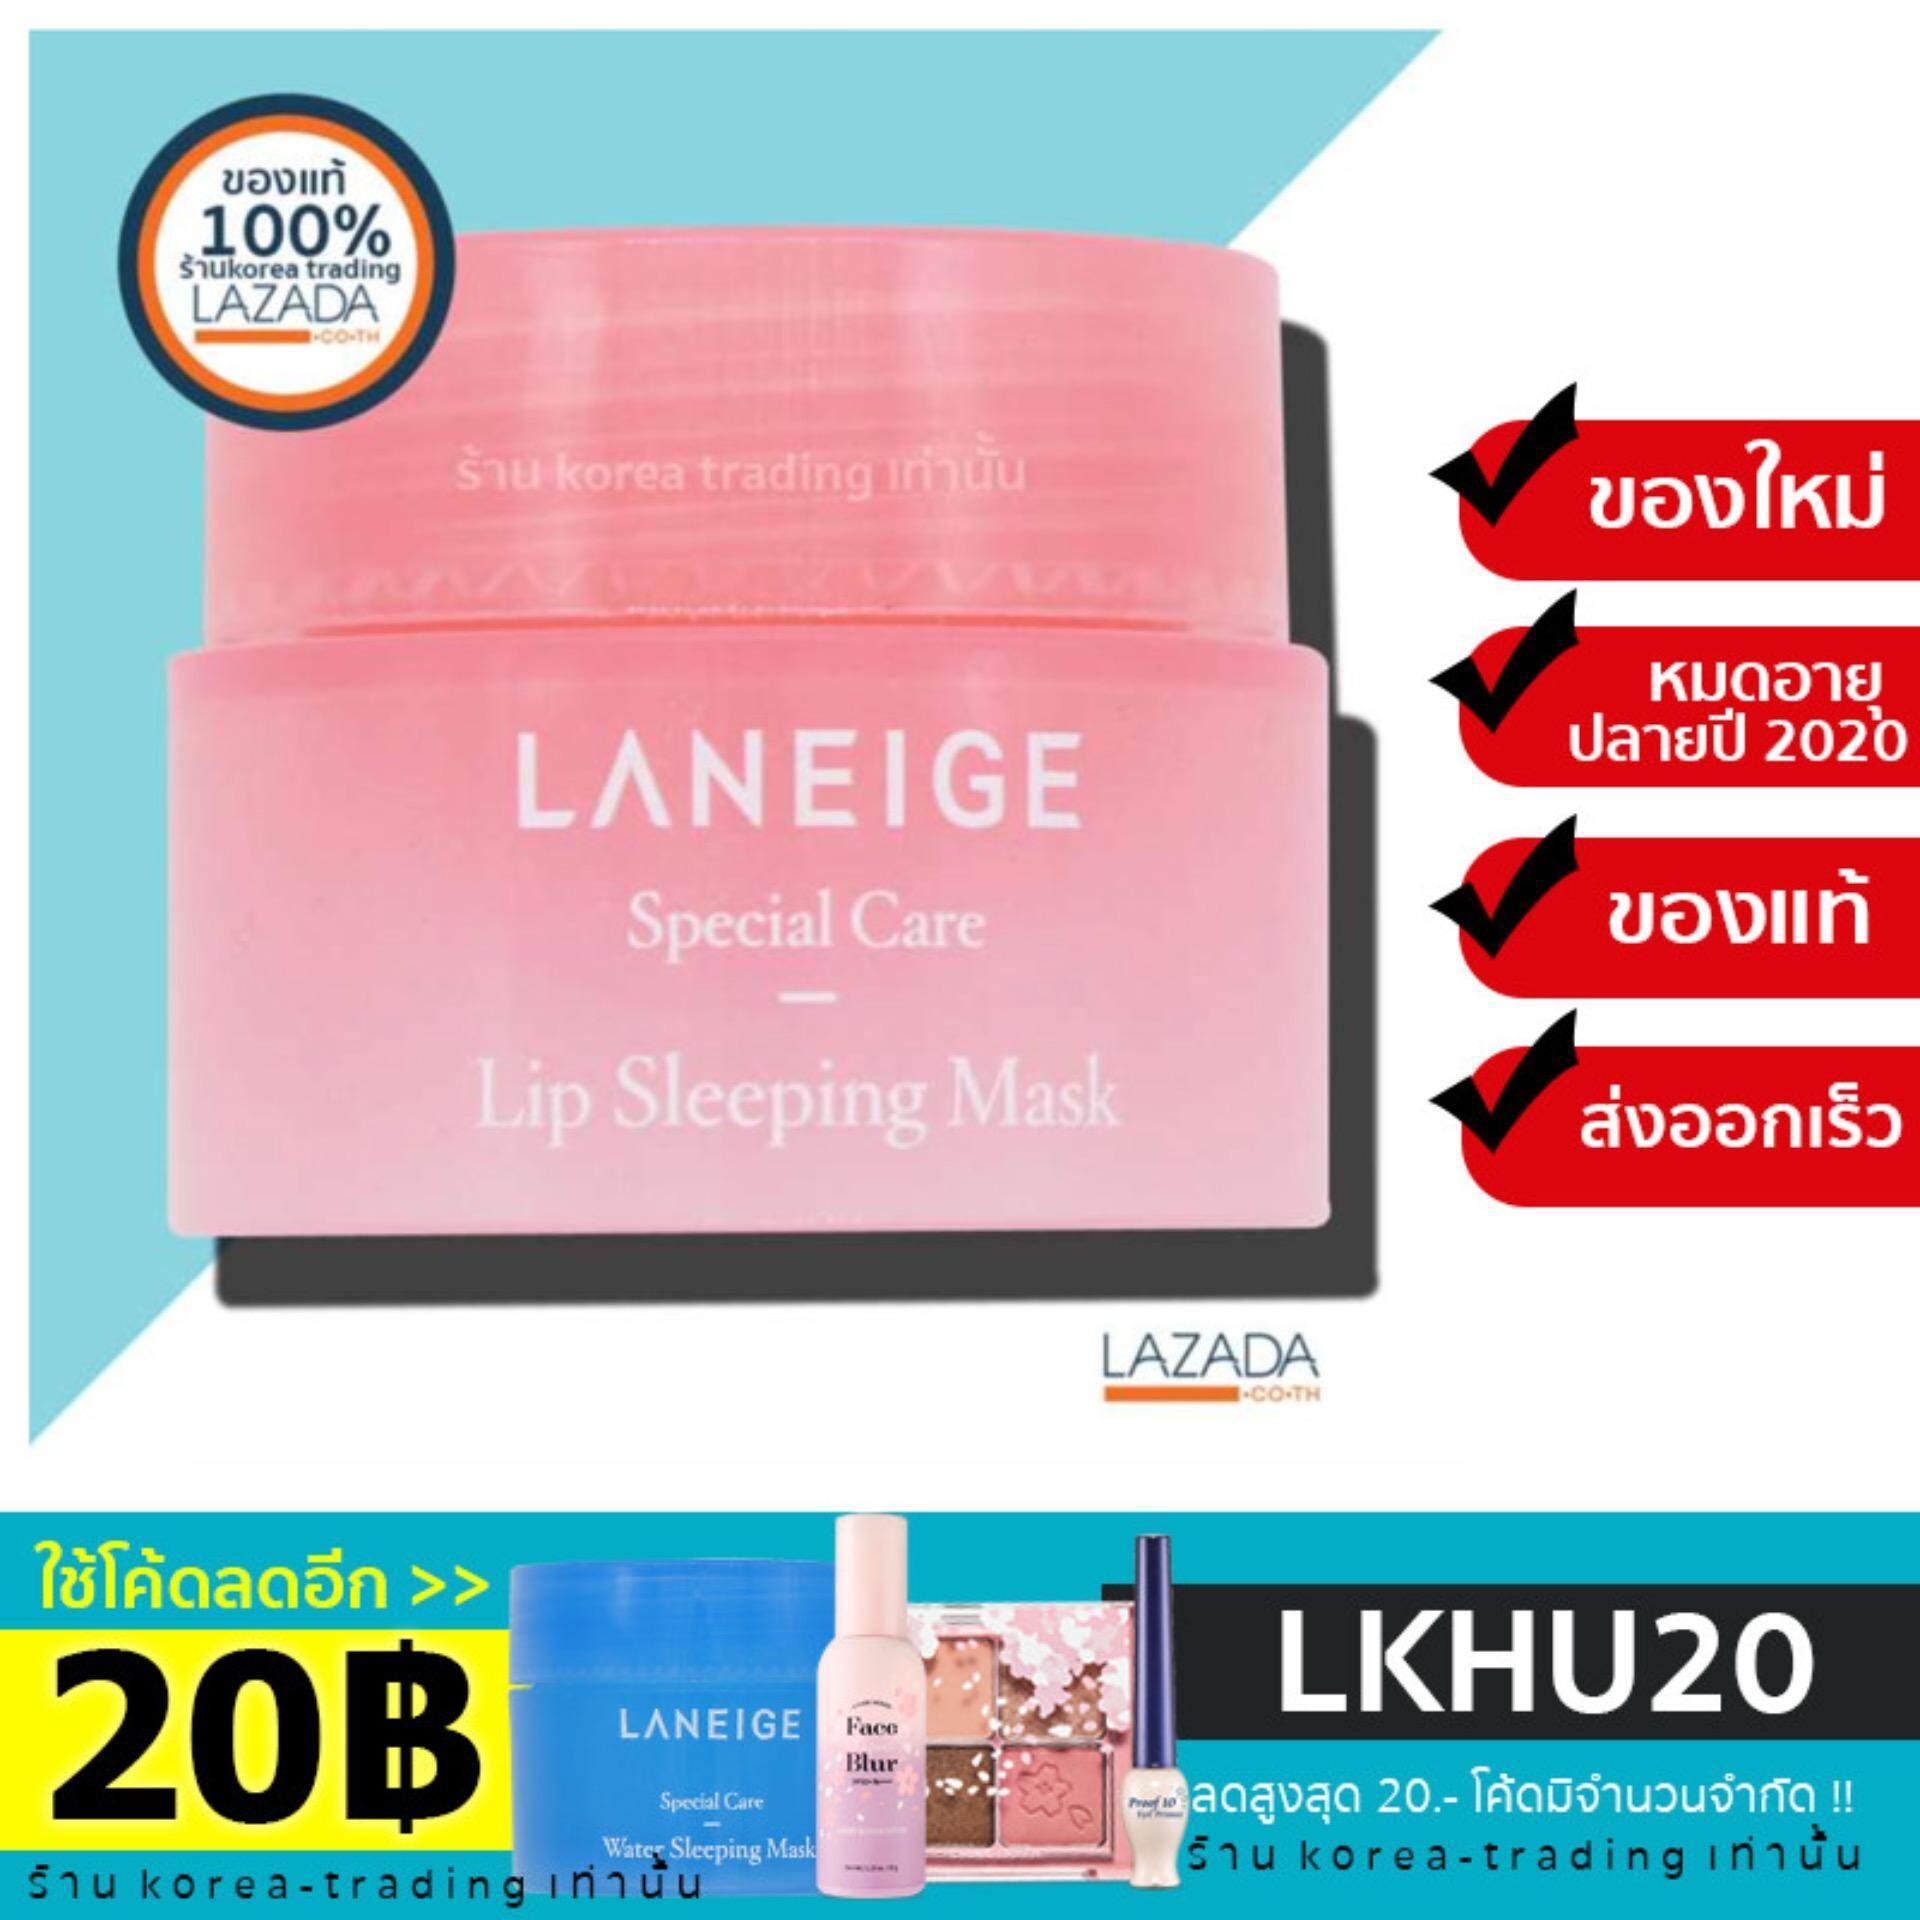 ของแท้ 100% ขนาด 3 กรัม Laneige Lip Sleeping Pack 3g ลิปมาส์กยอดขายอันดับ 1